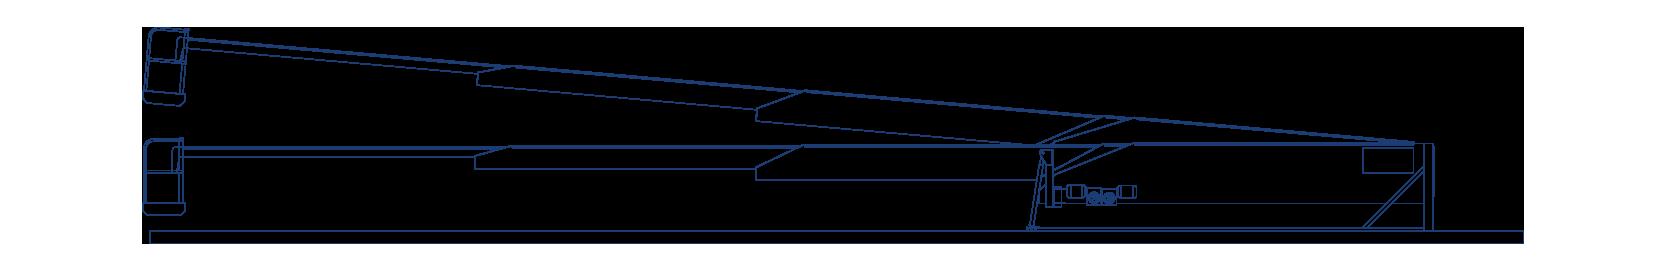 man rider conveyor diagram